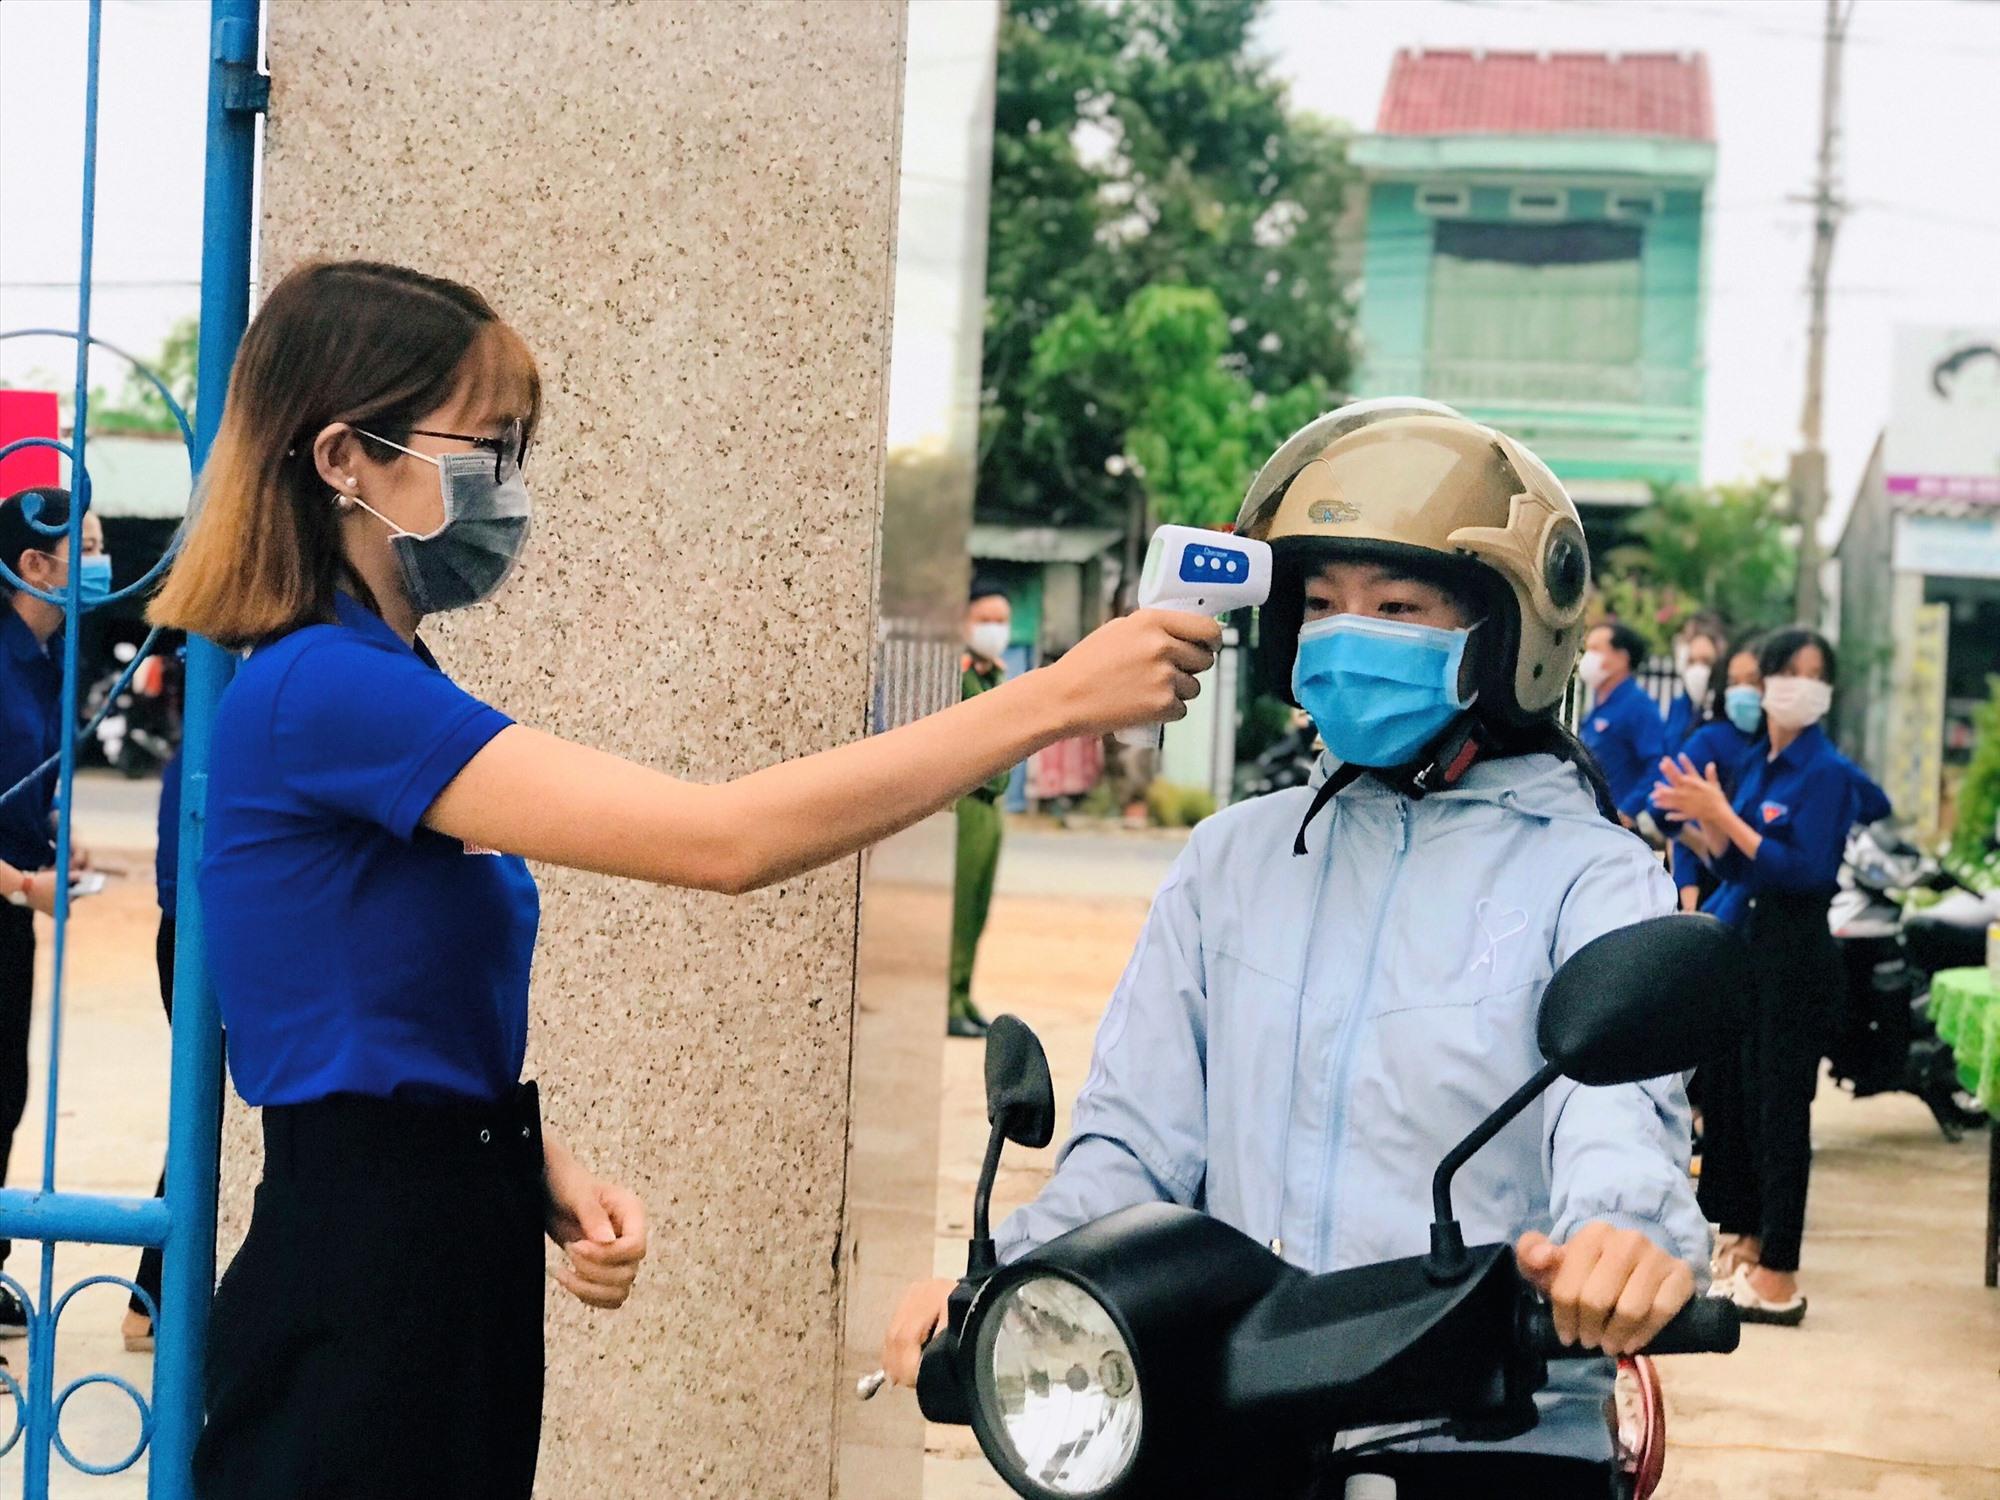 Thanh niên tình nguyện huyện Thăng Bình hỗ trợ đo thân nhiệt tại khu vực thi tốt nghiệp THPT. Ảnh: CTV